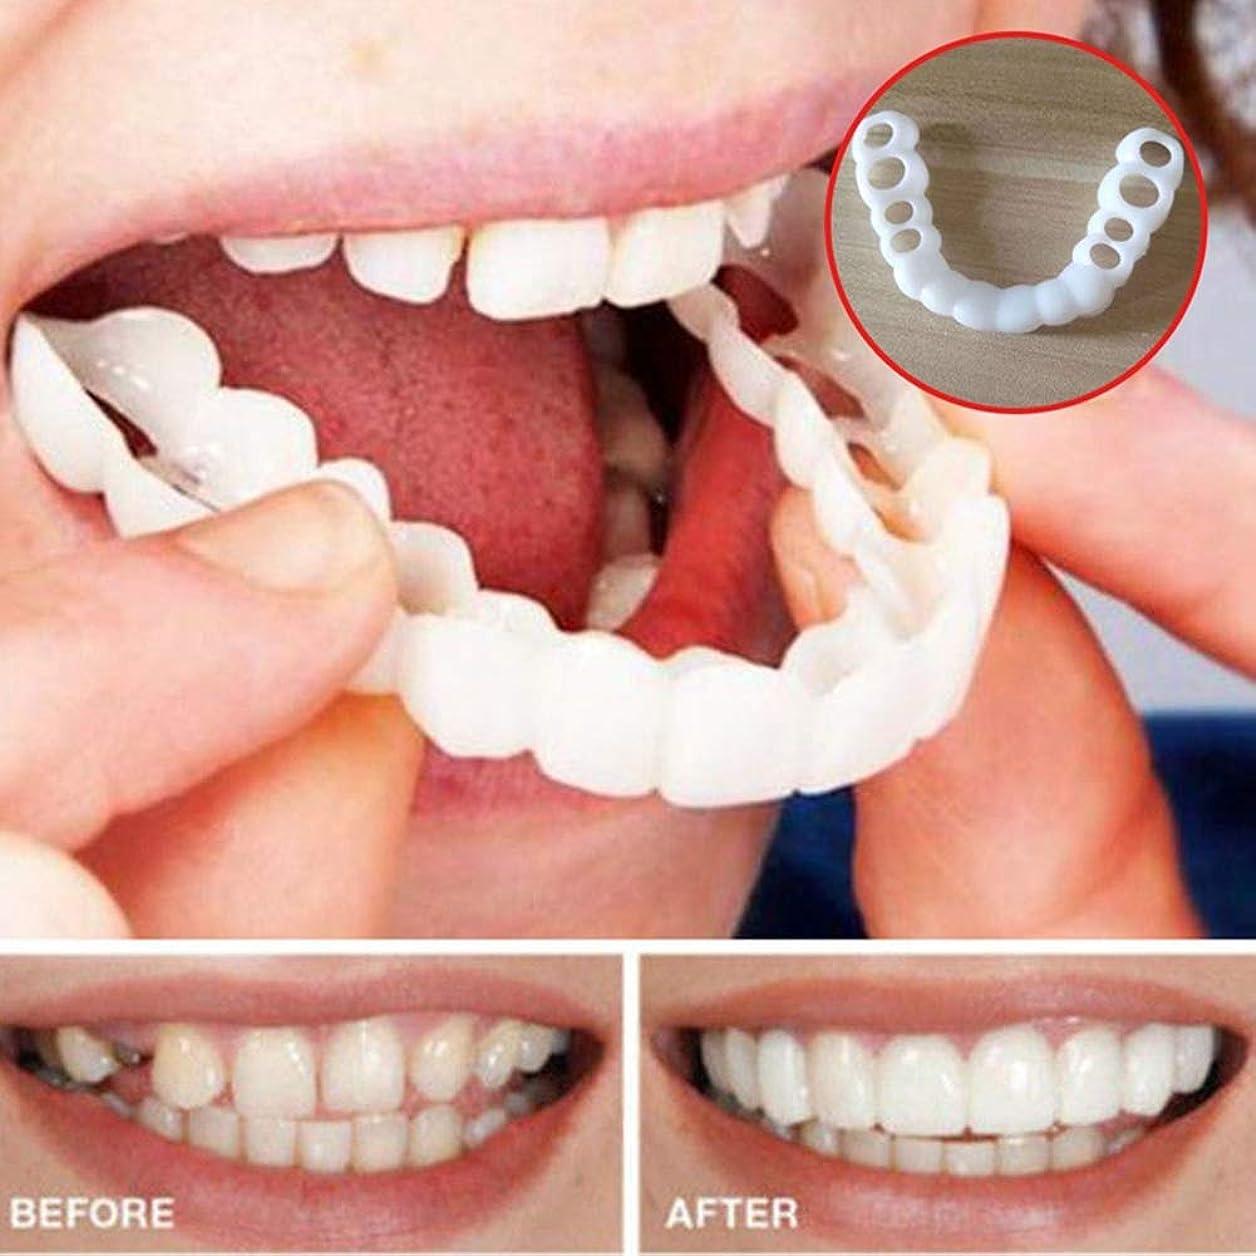 風景同等の雇用者3ペア完璧な笑顔歯スナップオン化粧品安全な笑顔インスタントナチュラルボトムとトップベニア歯科ホワイトニング歯ツール